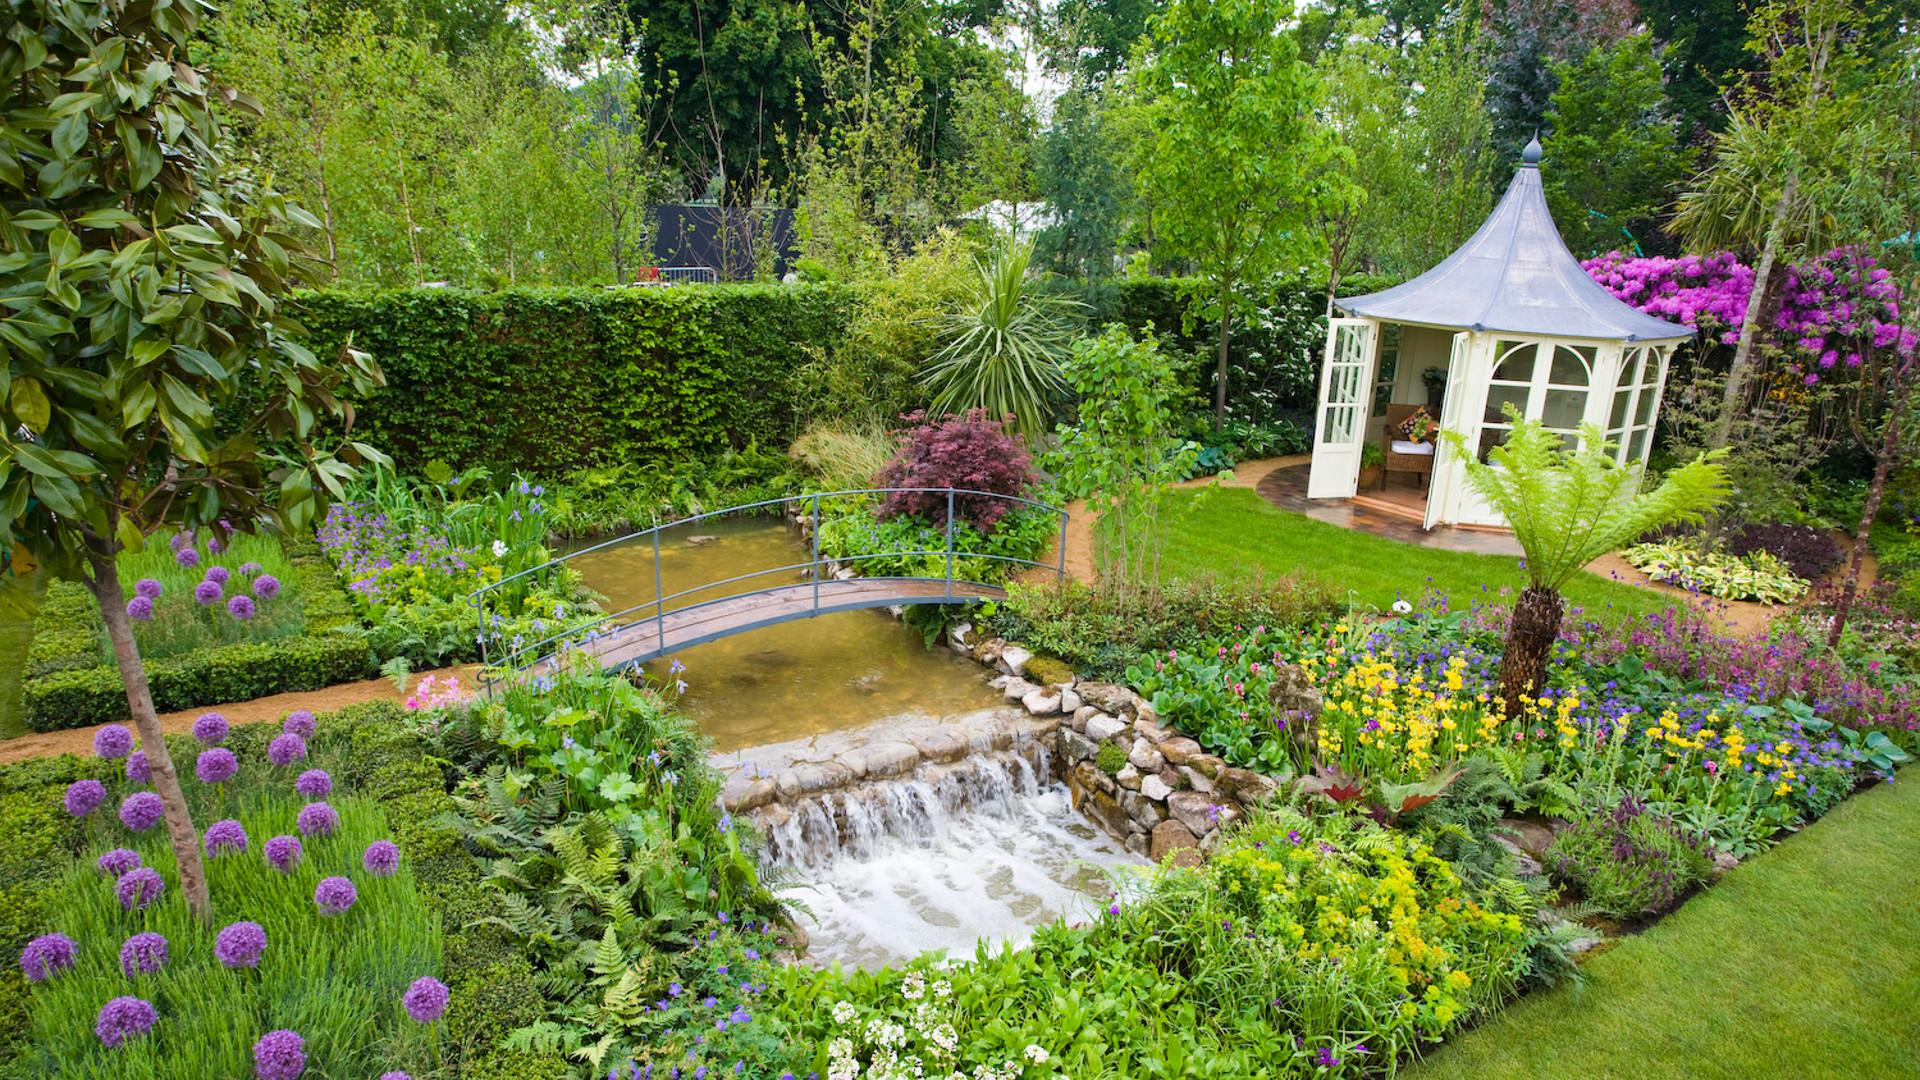 Tim Austen Garden Designs Designer Gardens Consultations Gardening Blog With Tips And Ideas